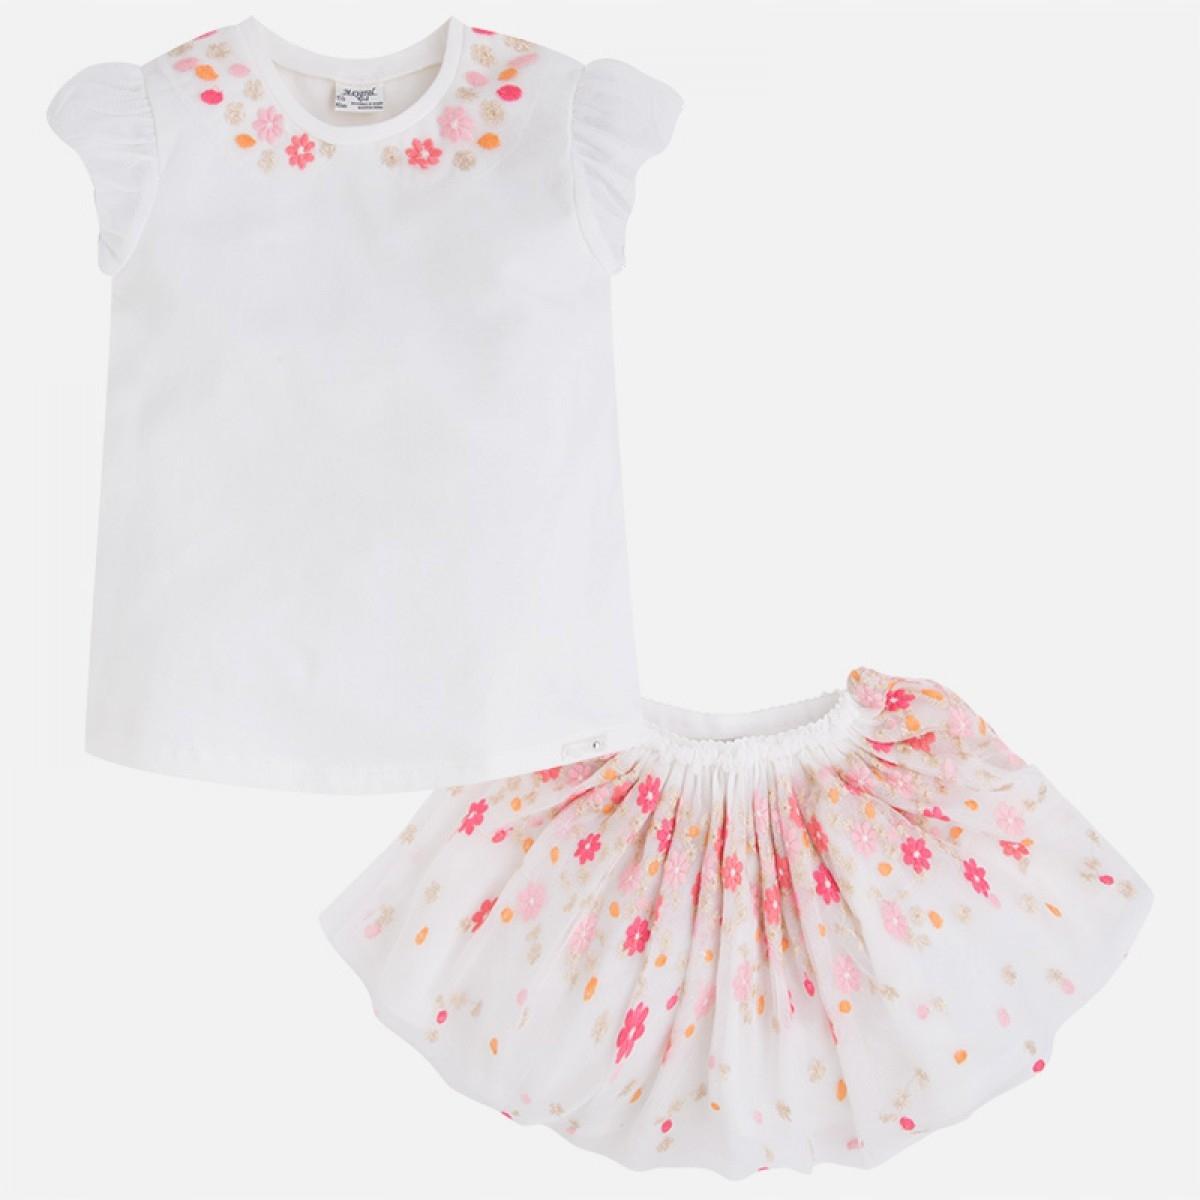 Komplet spódnica haft kwiaty Mayoral roz. 104cm